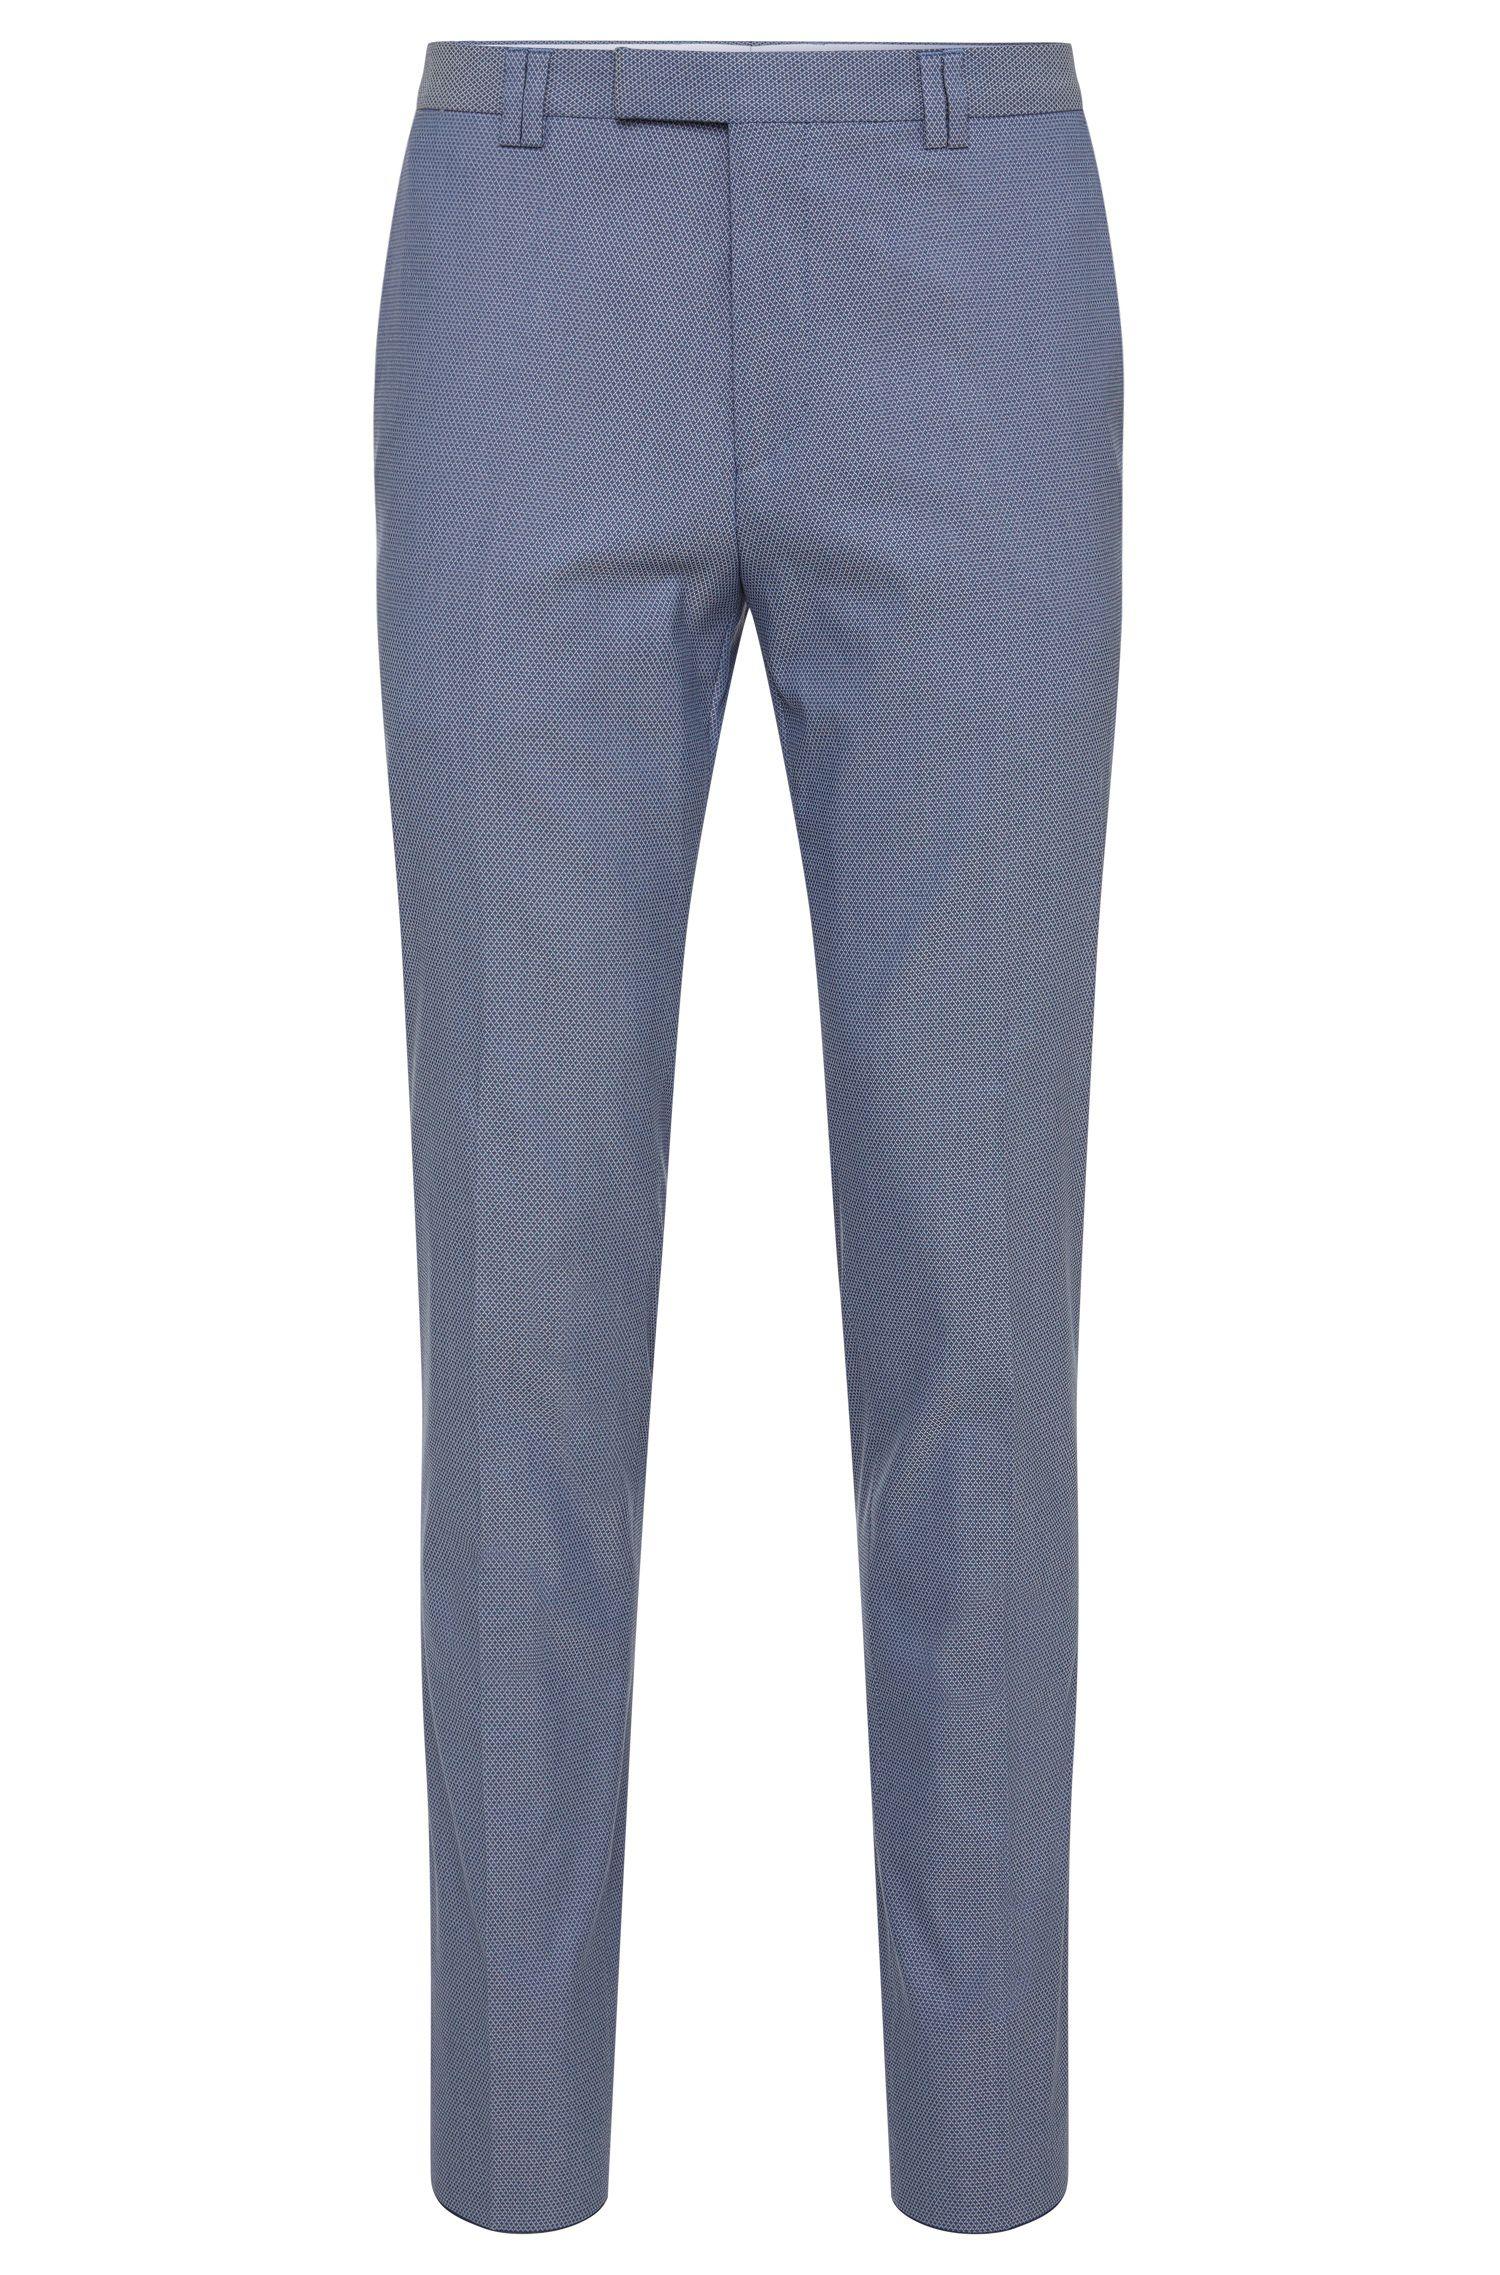 Strukturierte Slim-Fit Hose aus elastischem Baumwoll-Mix: 'Heilon'